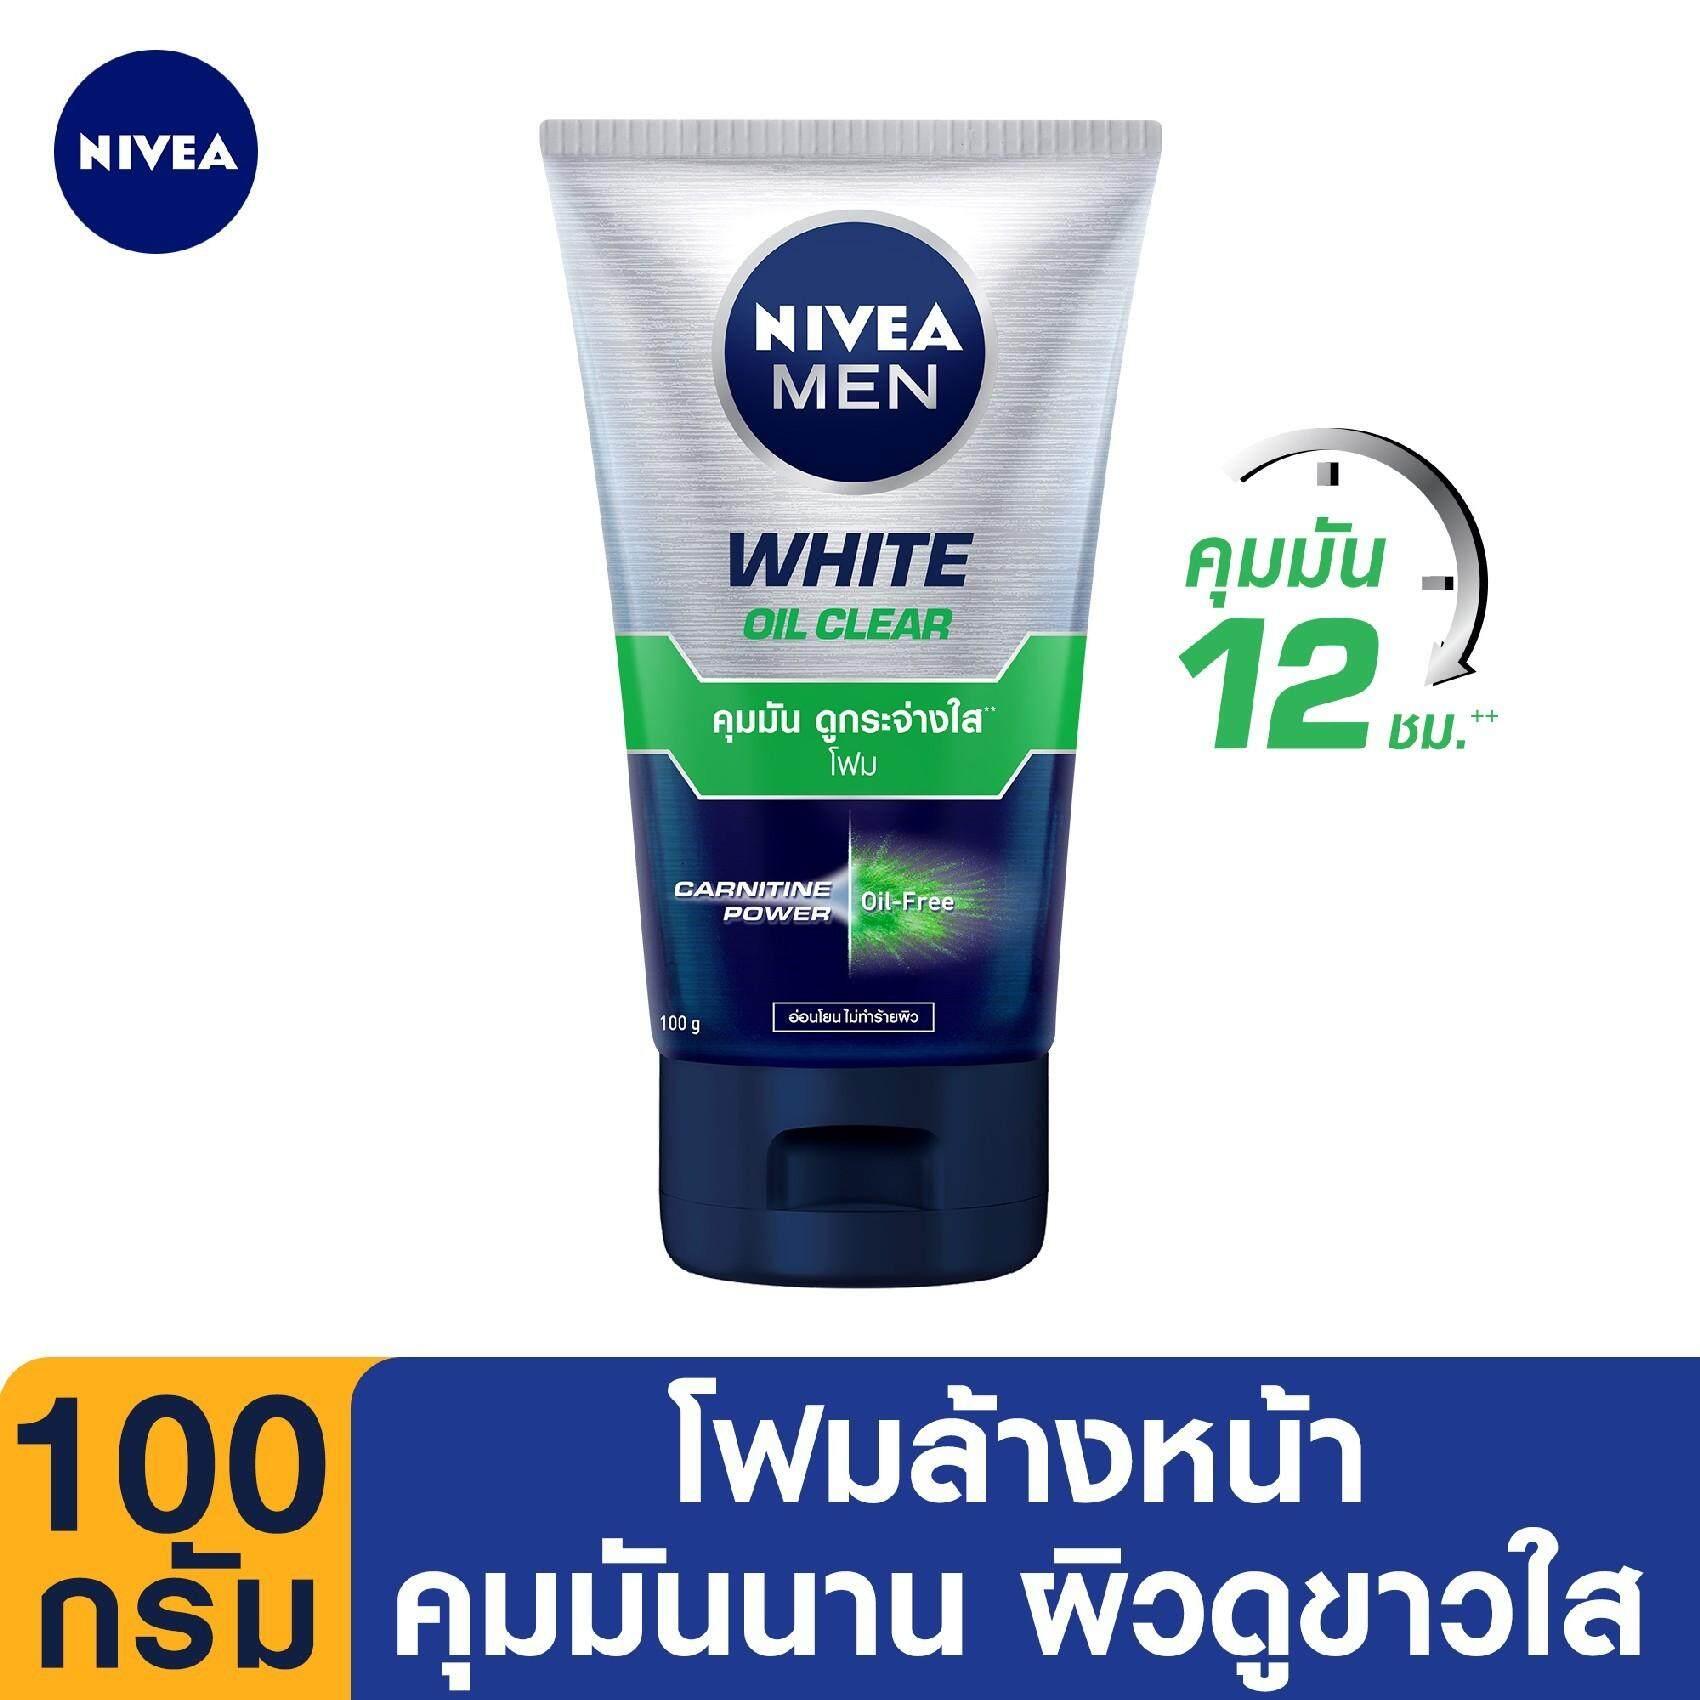 นีเวีย เมน ไวท์ ออยล์ เคลียร์ โฟม 100 กรัม NIVEA Men White Oil Clear Foam 100 g.